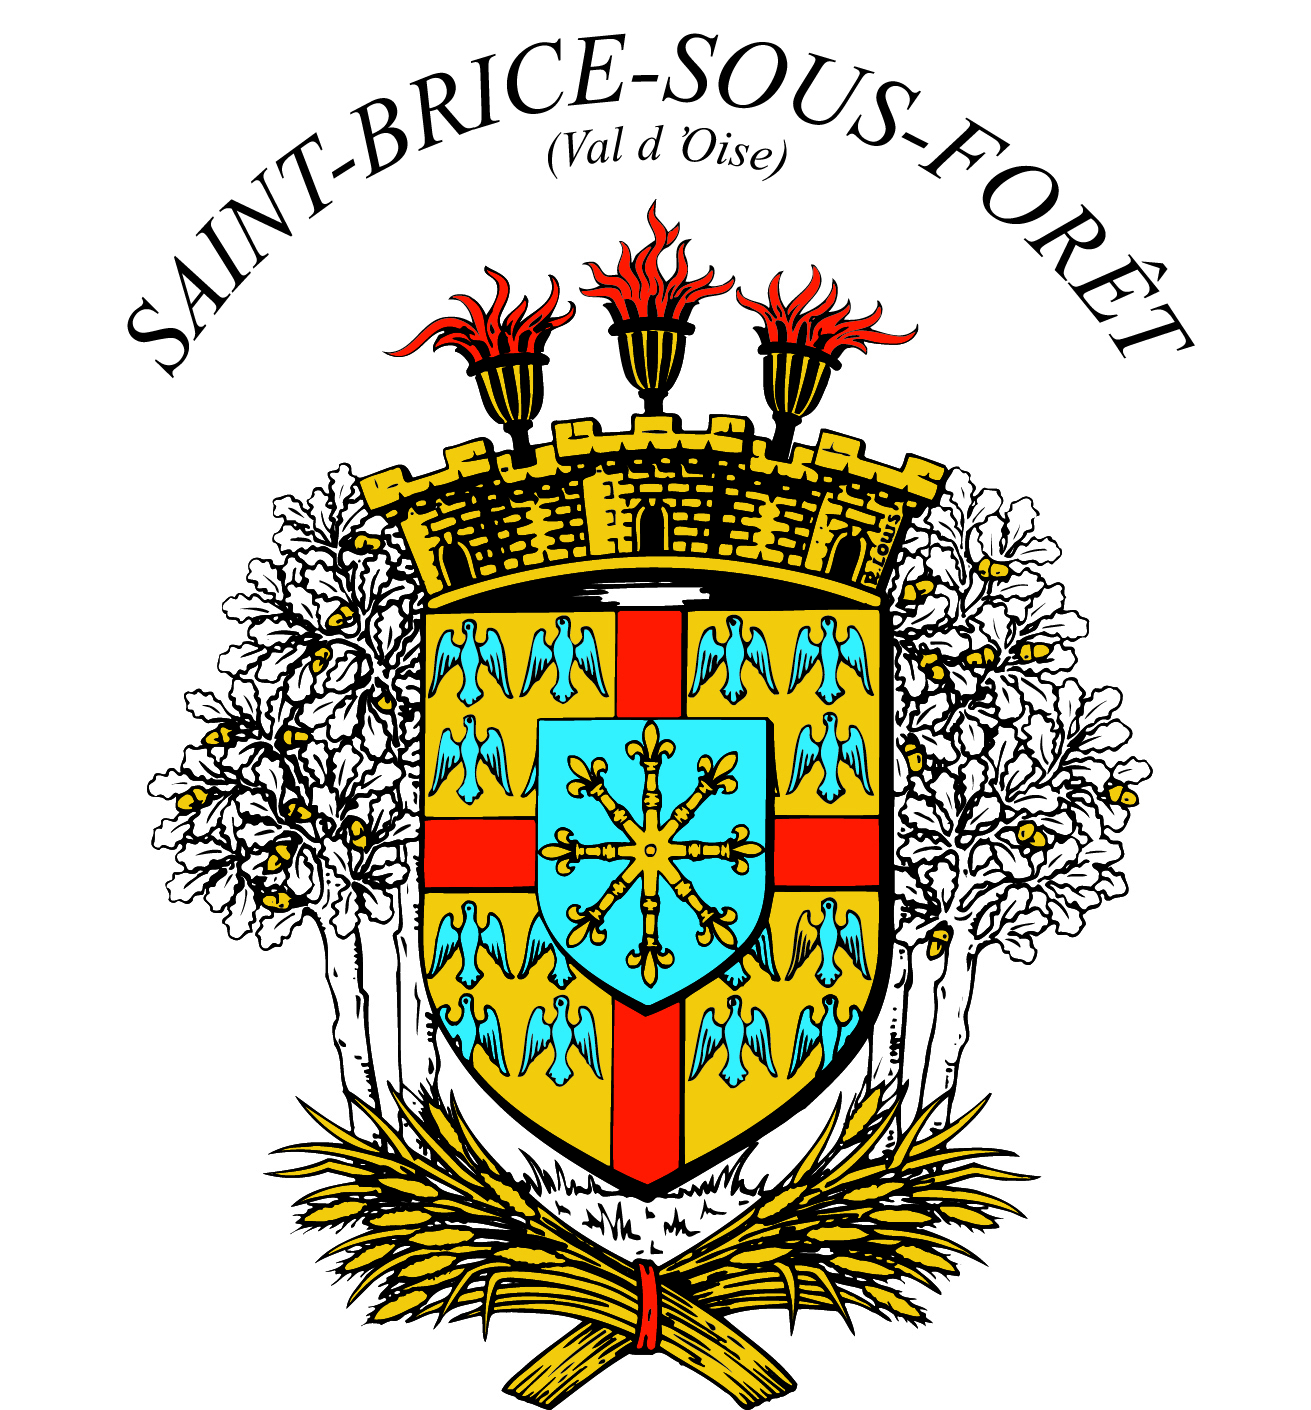 Blason de la mairie de Saint-brice-sous-foret